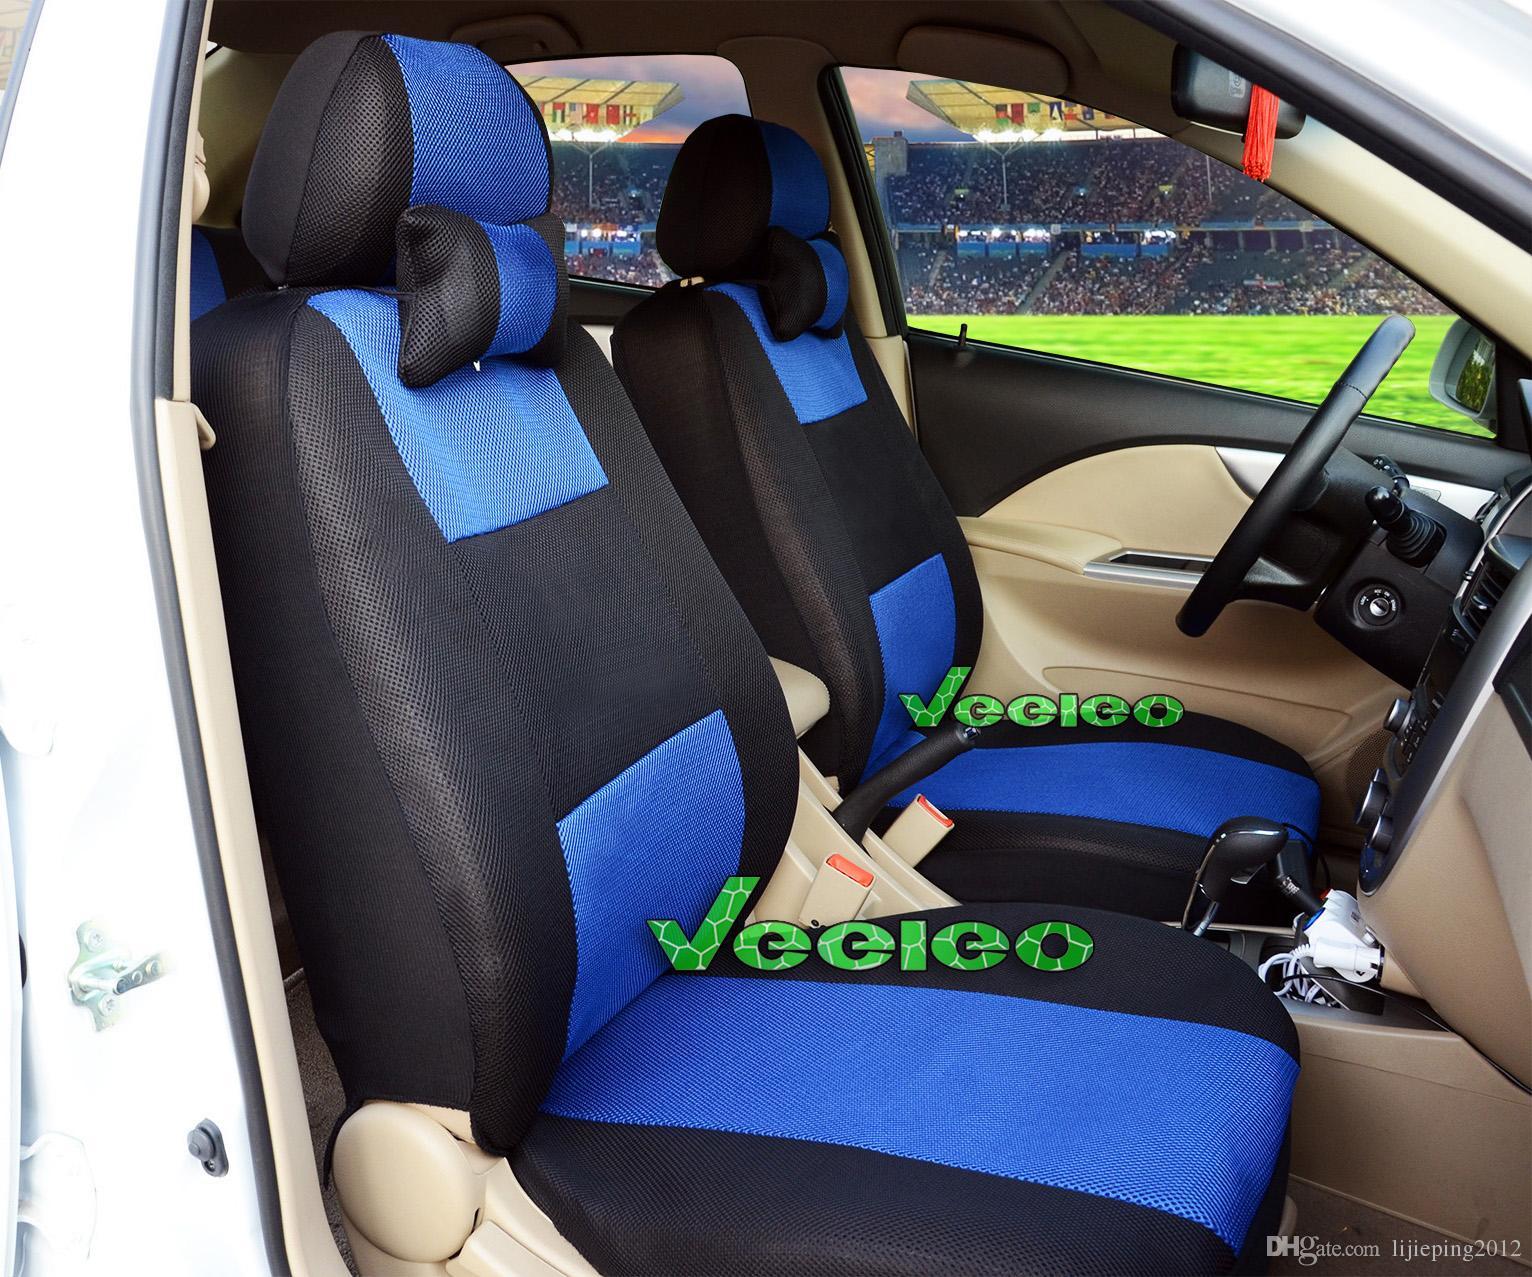 غطاء مقعد عالمي لمازدا 3 6 8 CX5 CX7 323 626 M2 M3 M6 مع تنفس المواد + وسادة هوائية متوافق + بالجملة + شحن مجاني